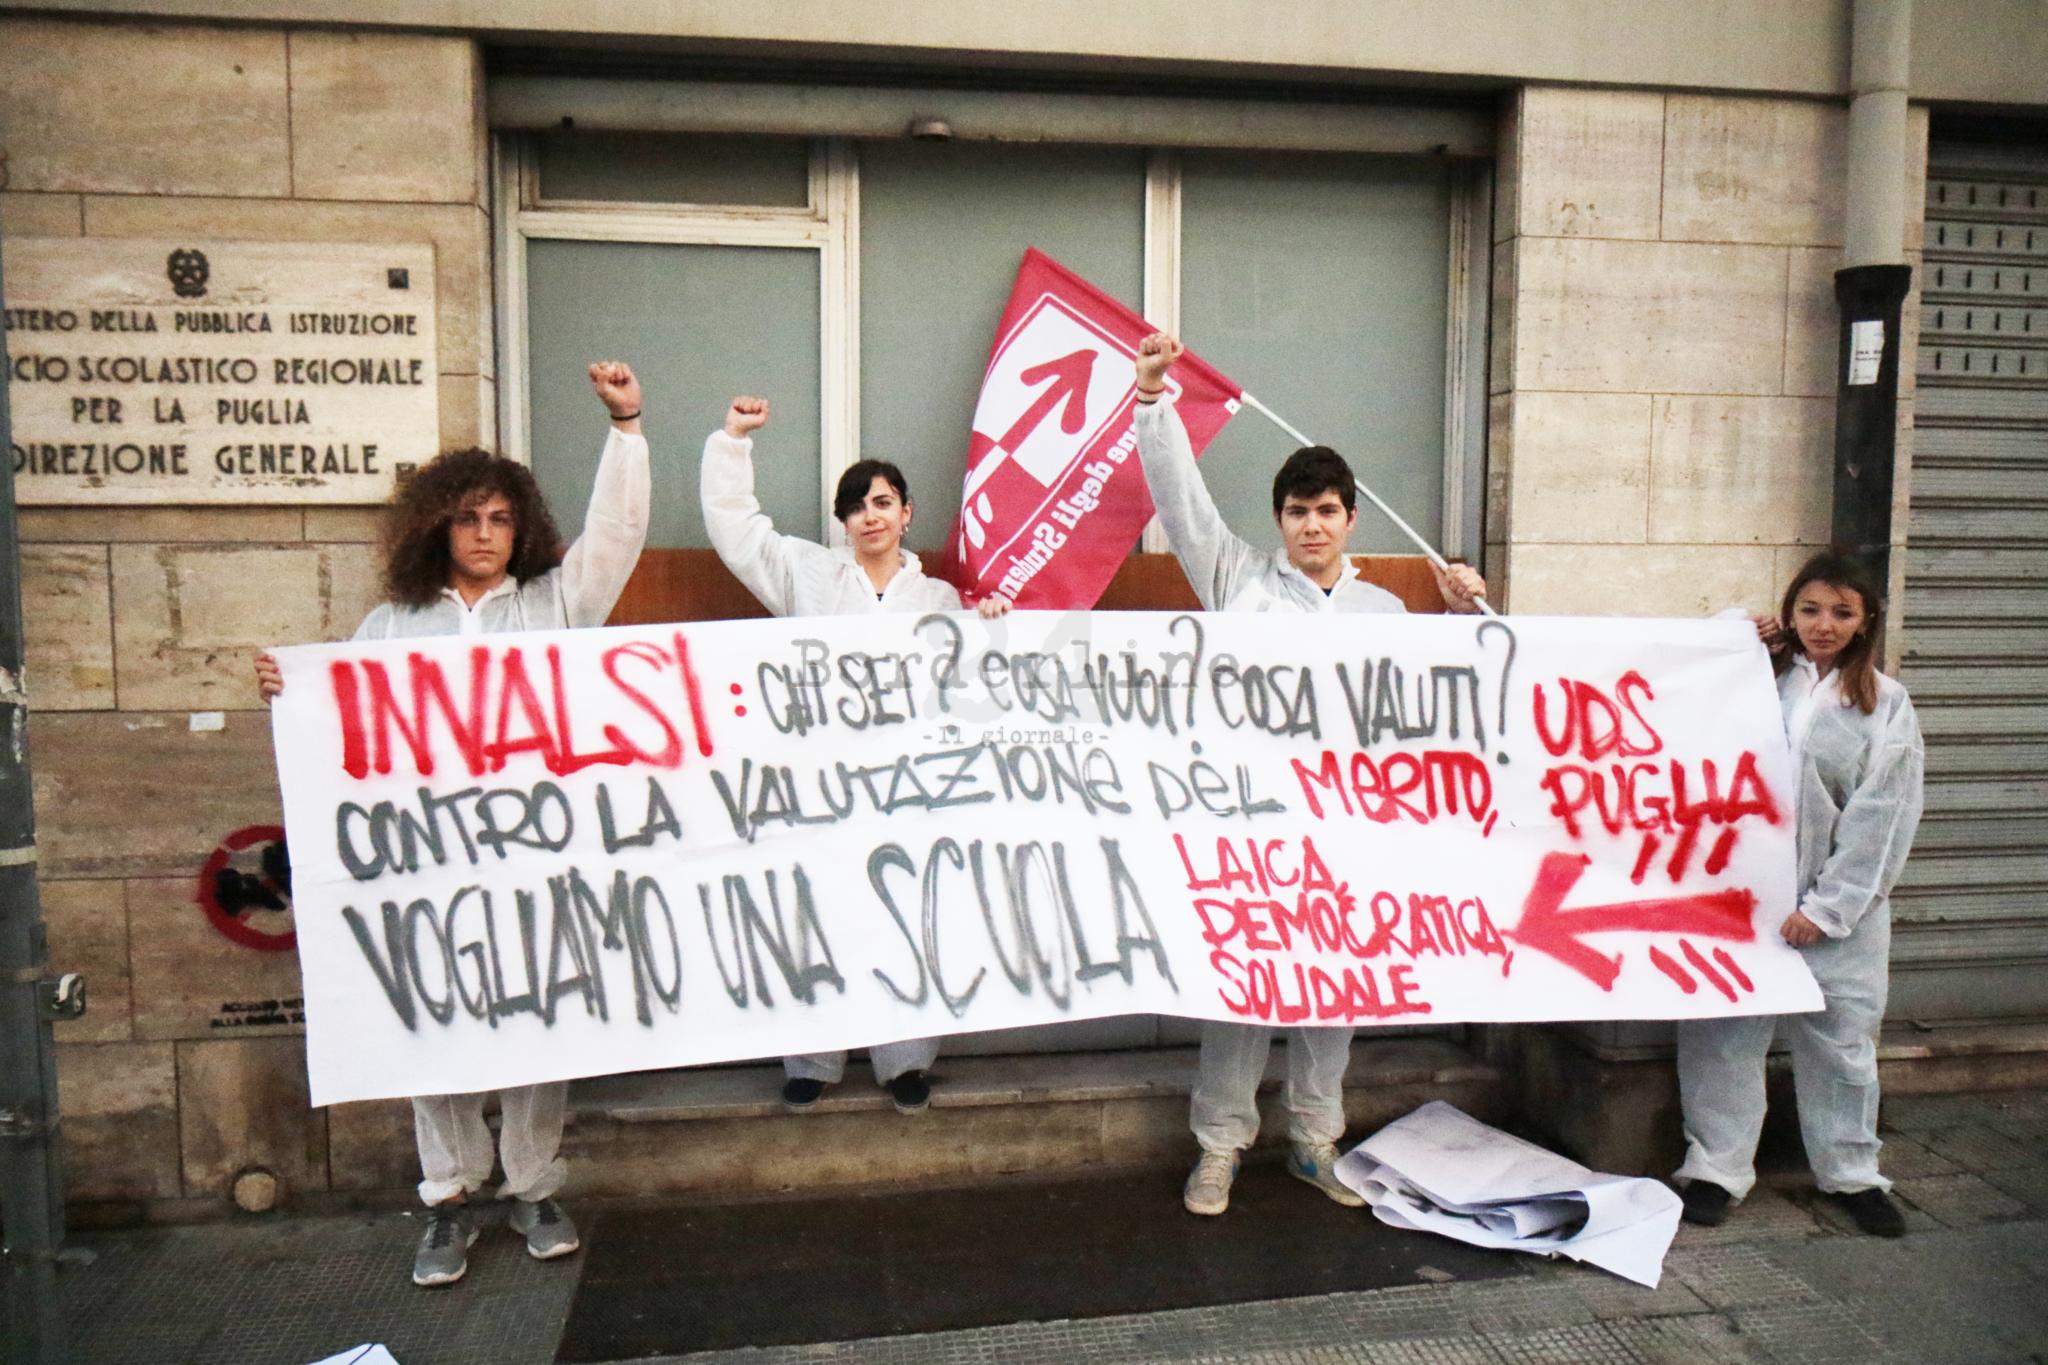 Vandalizzato un liceo di Firenze per protesta contro le prove Invalsi